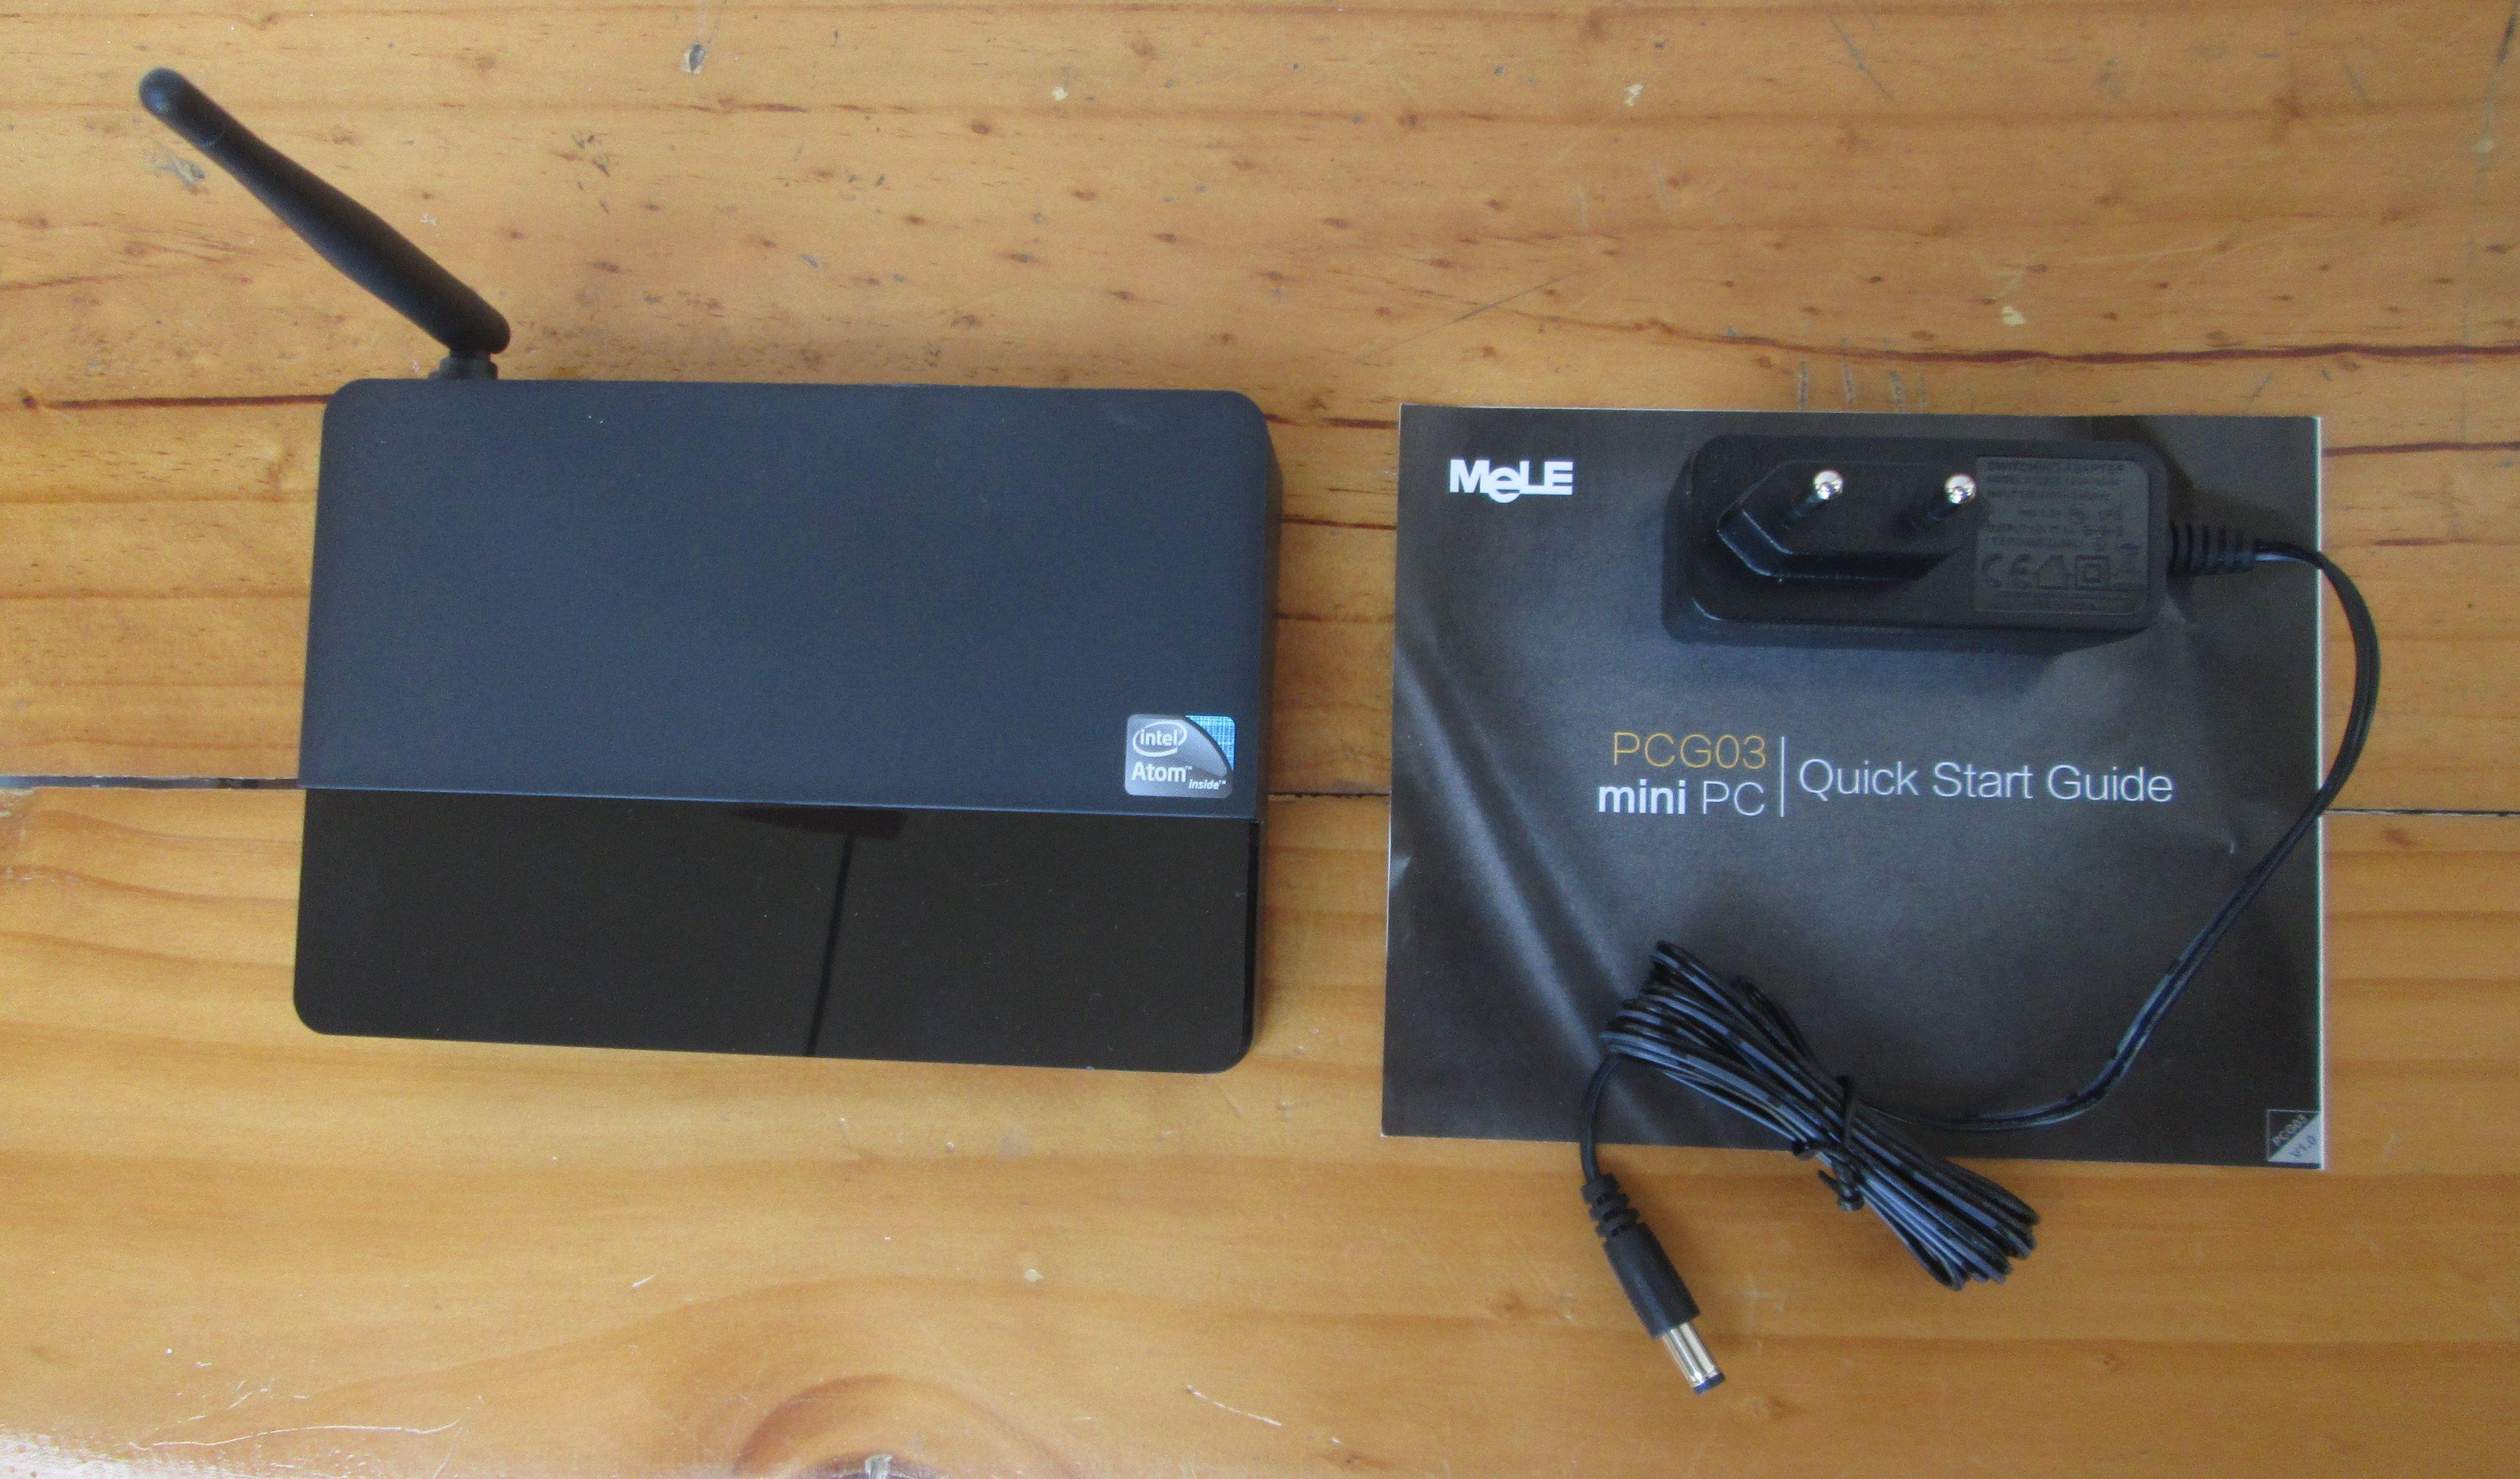 Телевизионная приставка-компьютер Mele PCG03 с процессором Intel Atom серии Z3735F